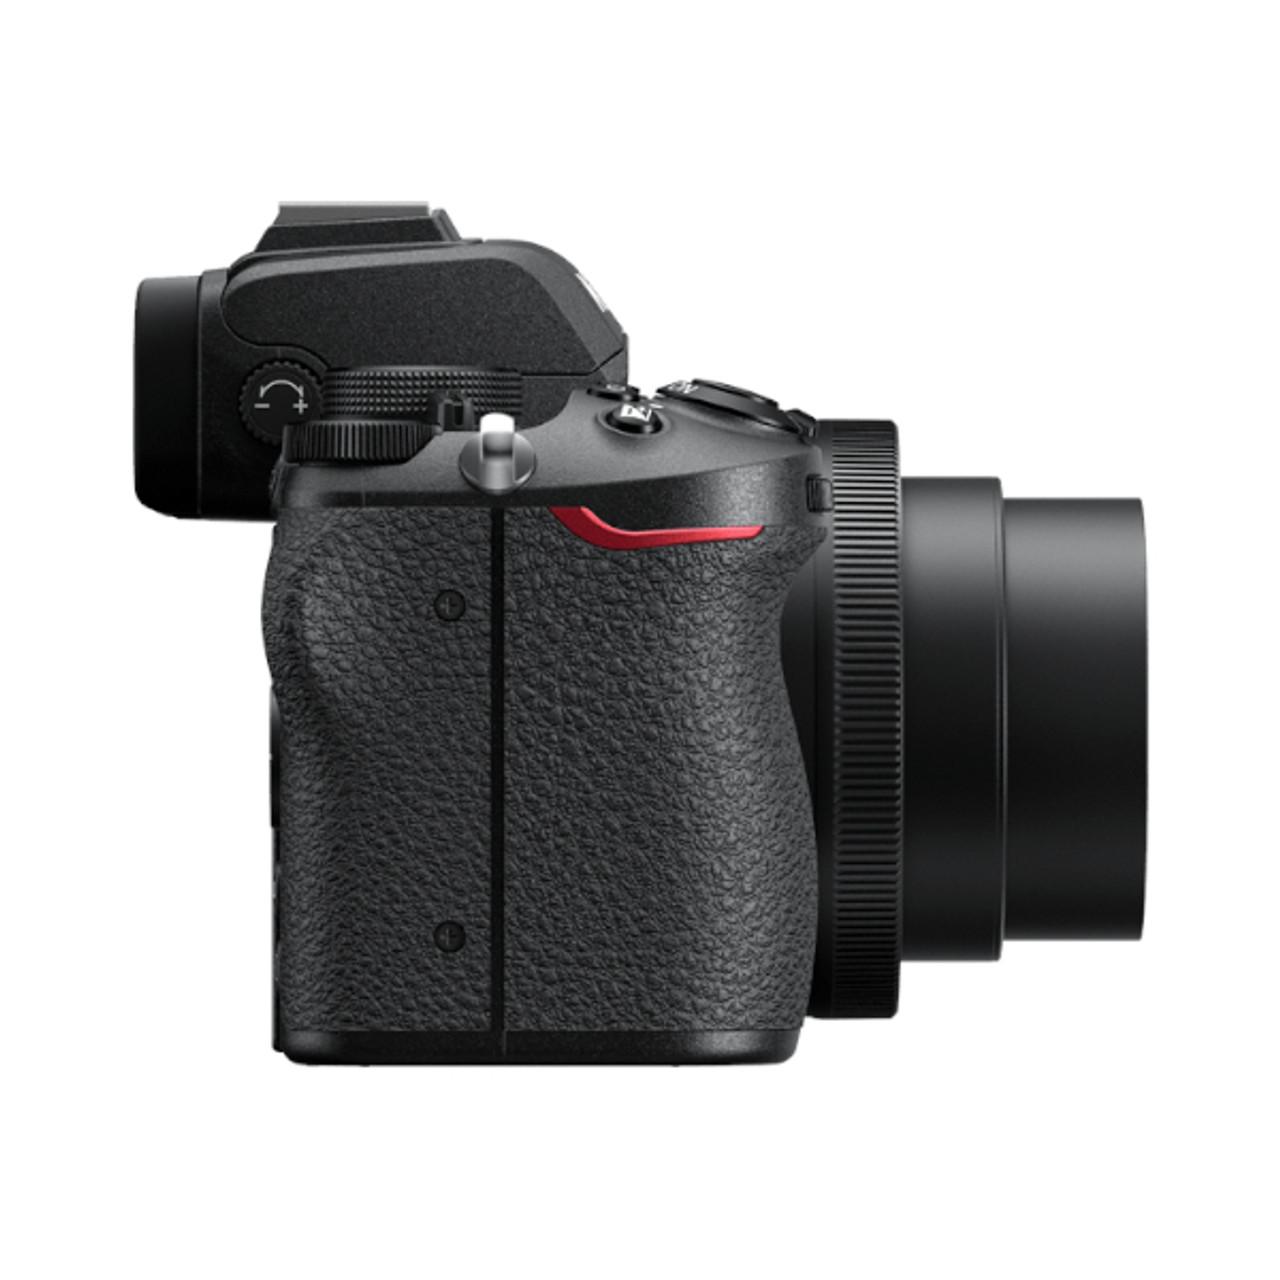 Nikon Z 50 16-50mm Kit (Pre Order Deposit)